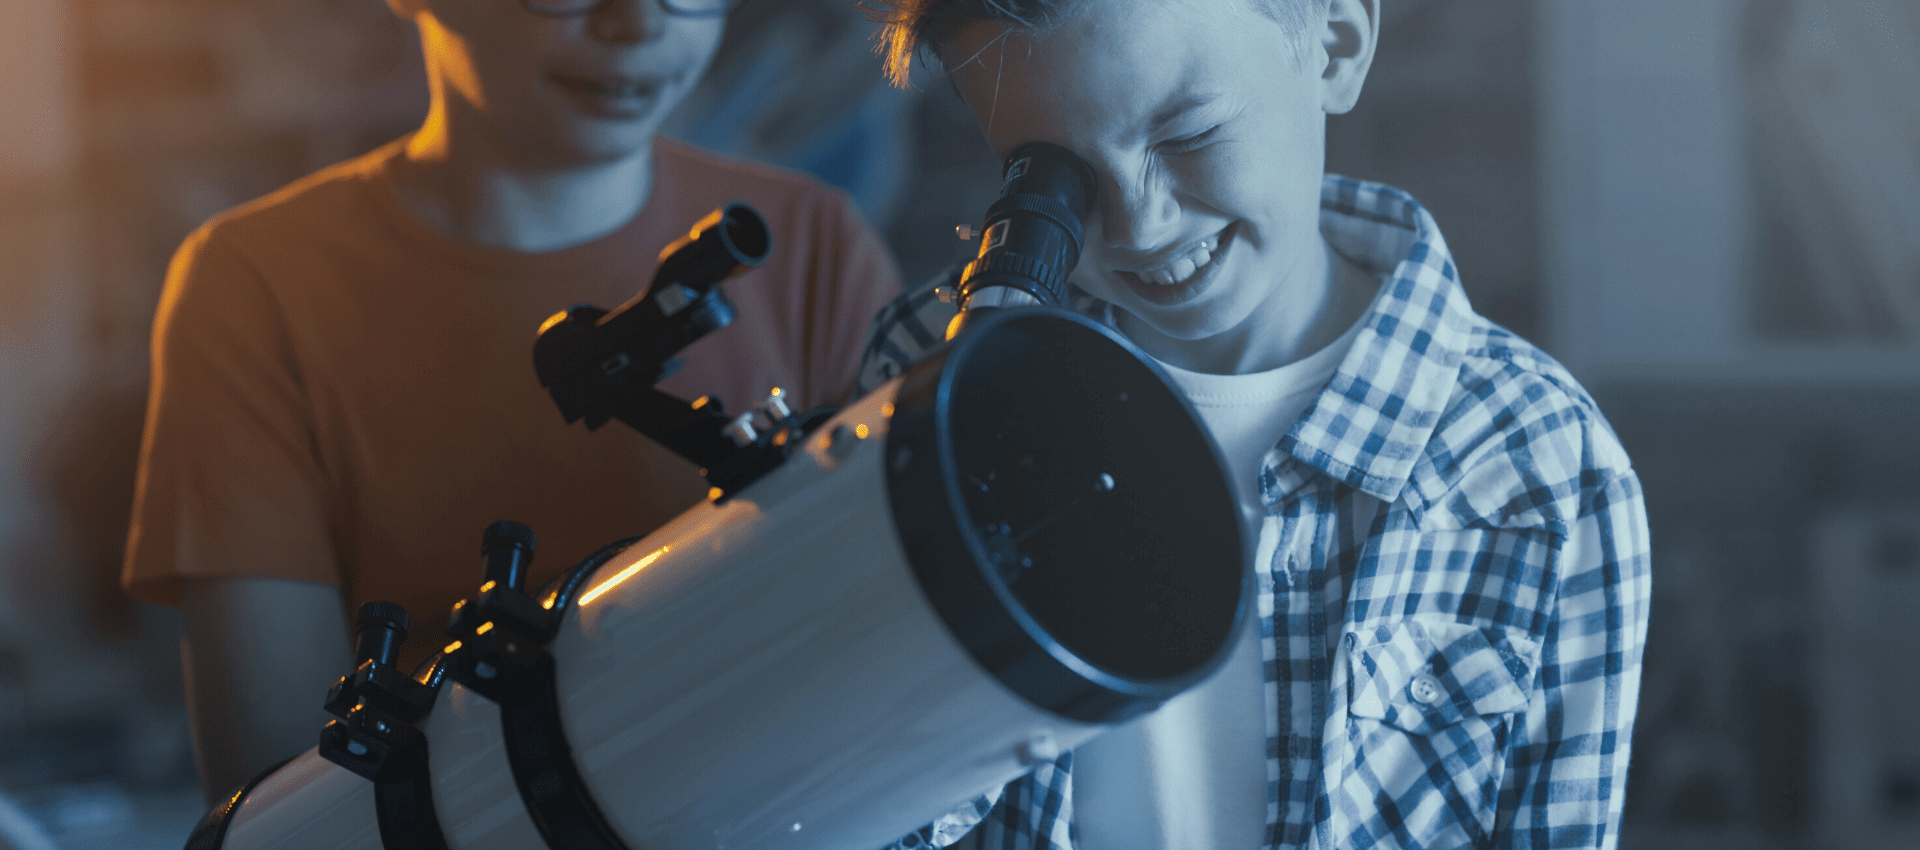 LabZZ Teleszkópok - távcsövek